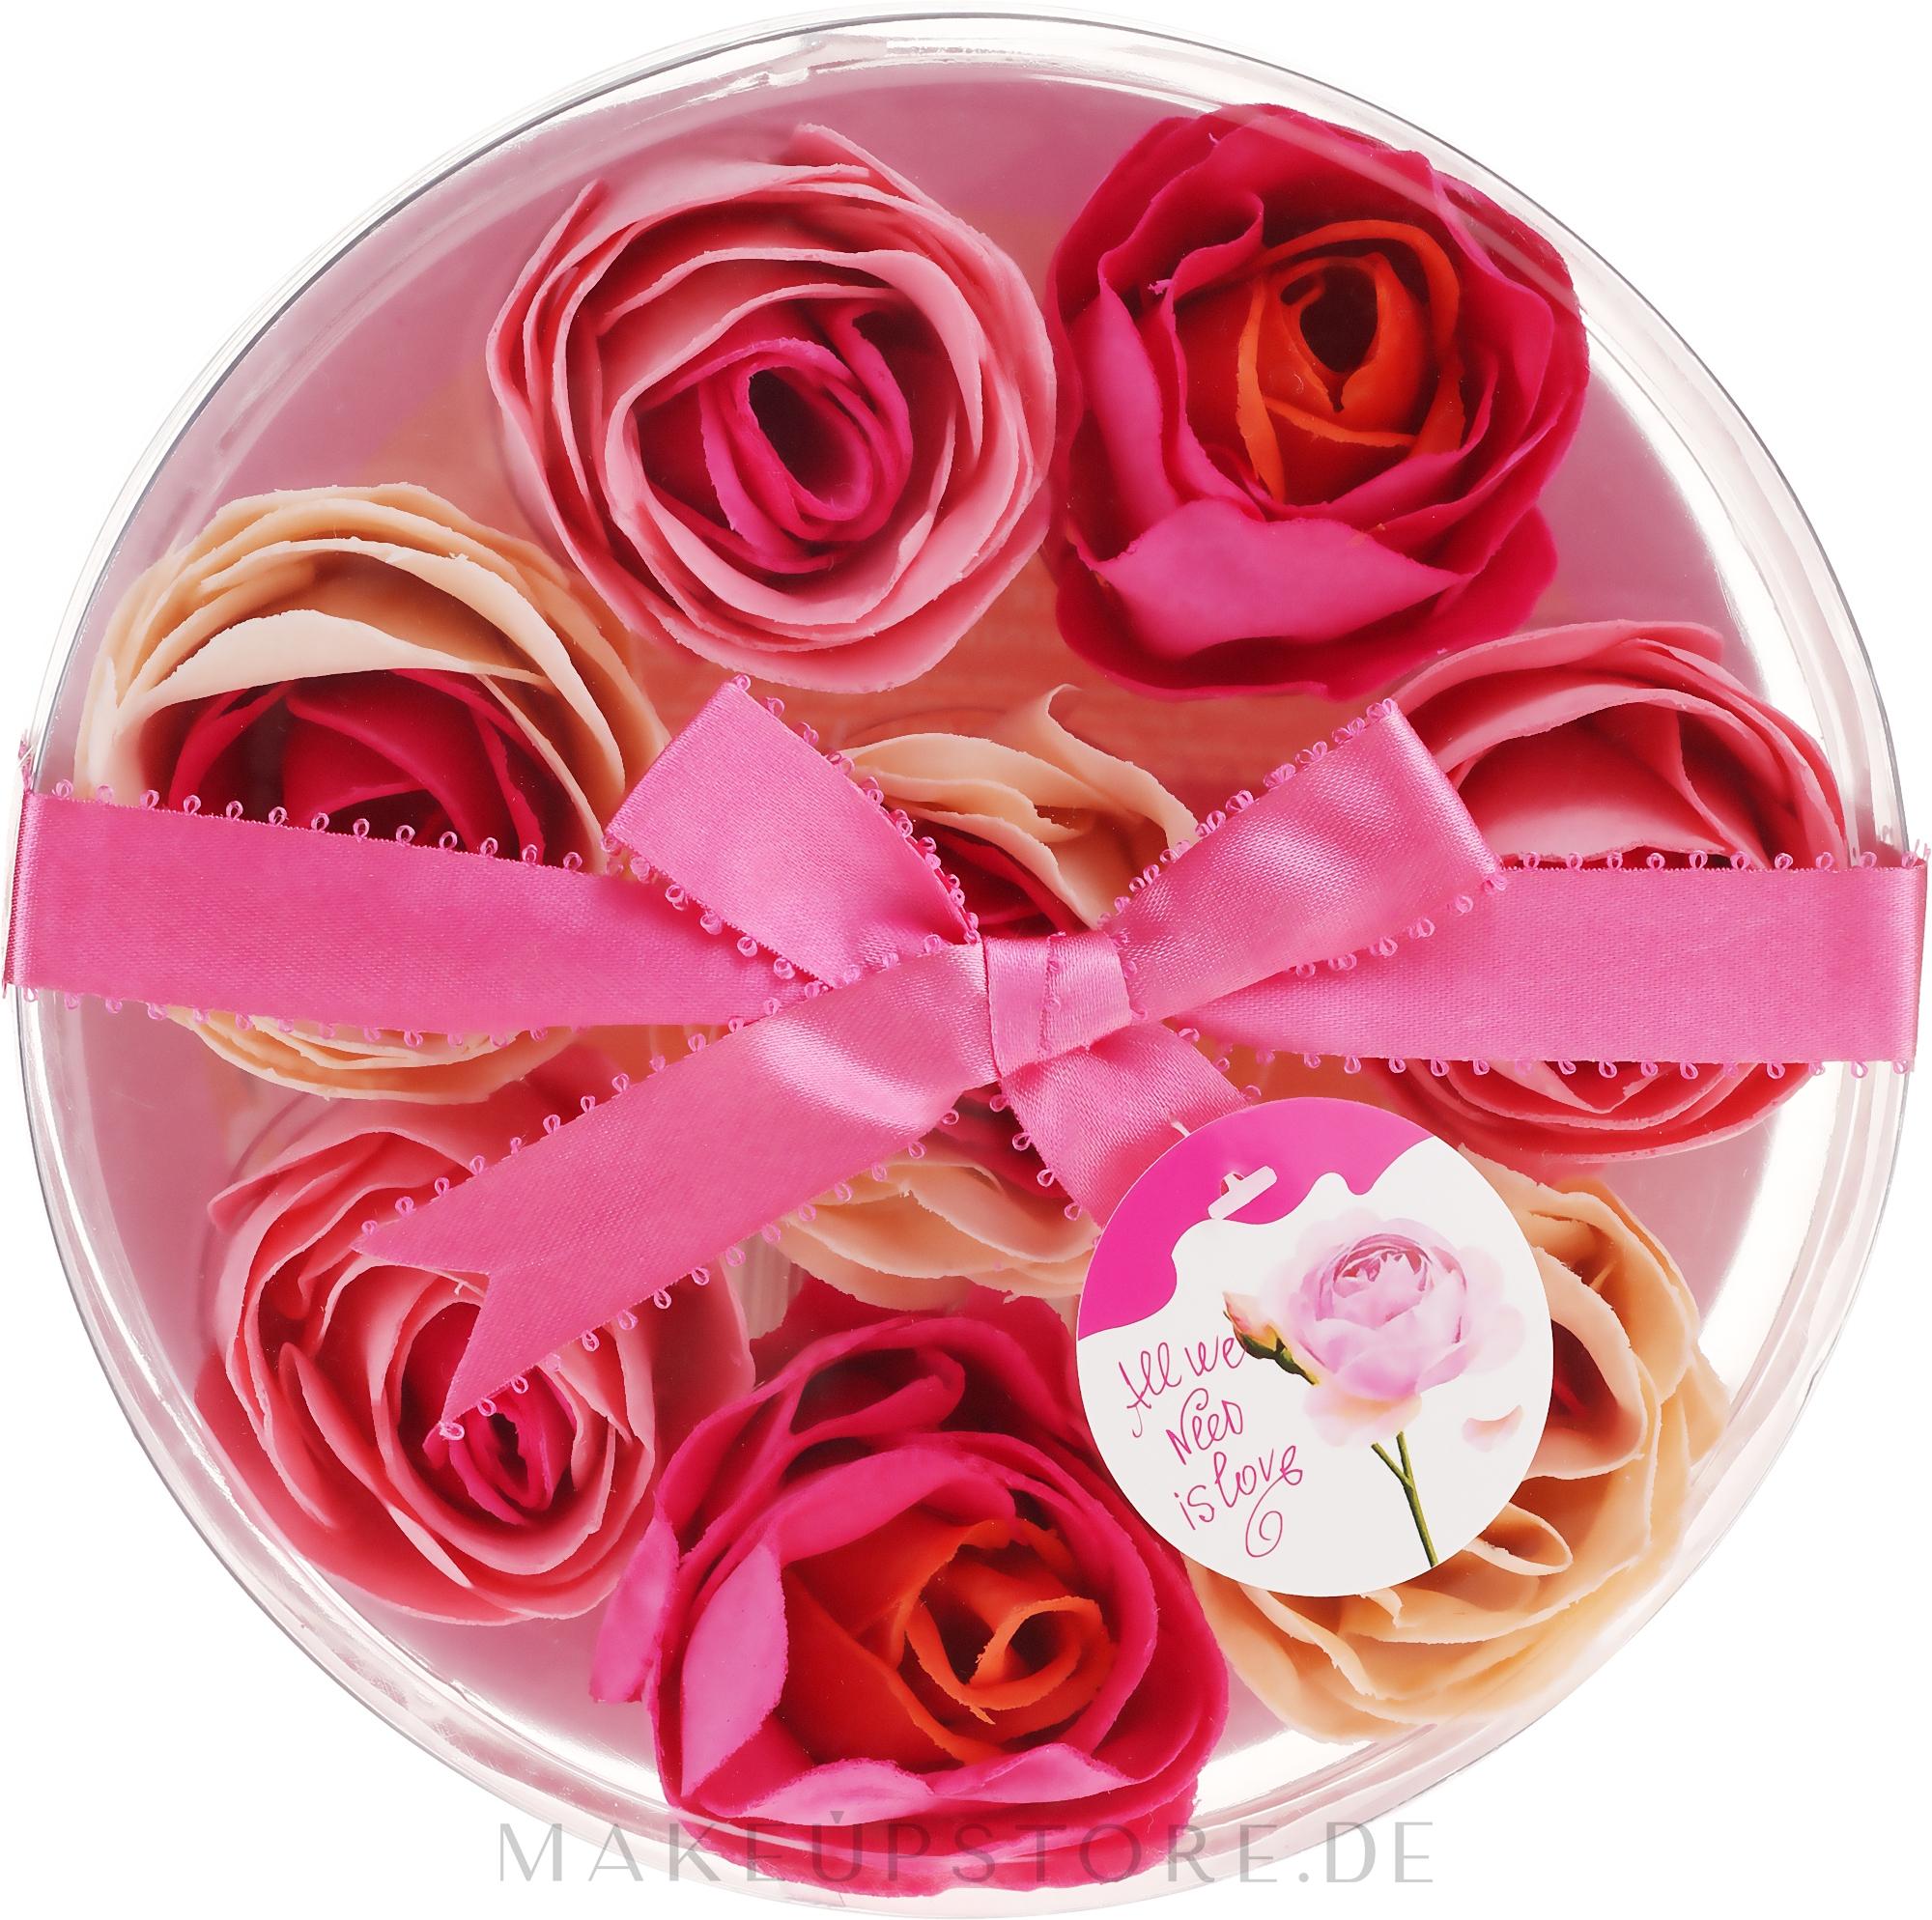 Seifenkonfetti mit Rosenduft 8 St. - Spa Moments Bath Confetti Rose — Bild 8 x 16 g